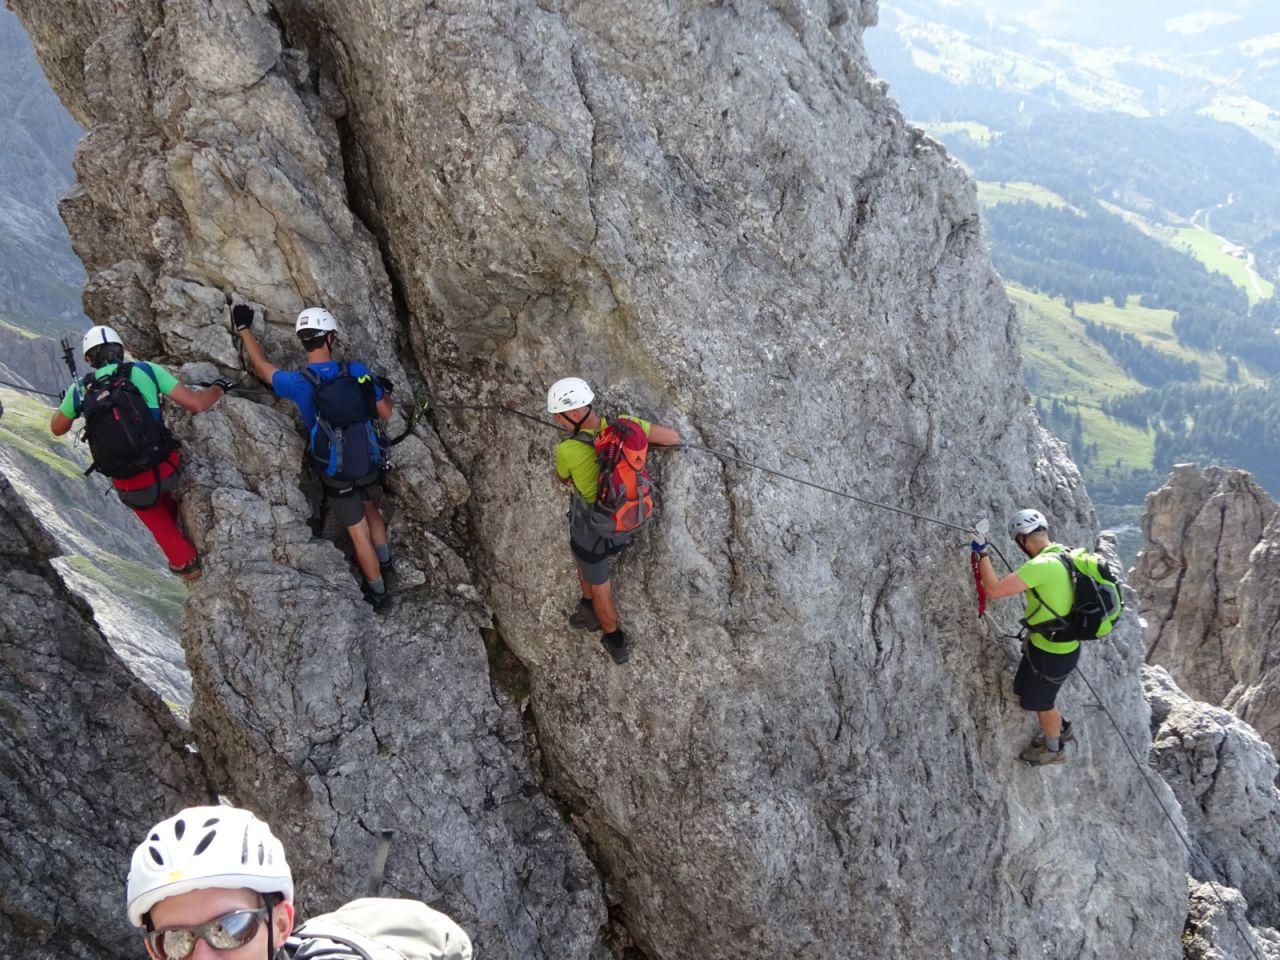 Klettersteig Königsjodler : Touren auf klettersteige in der region zell am see kaprun